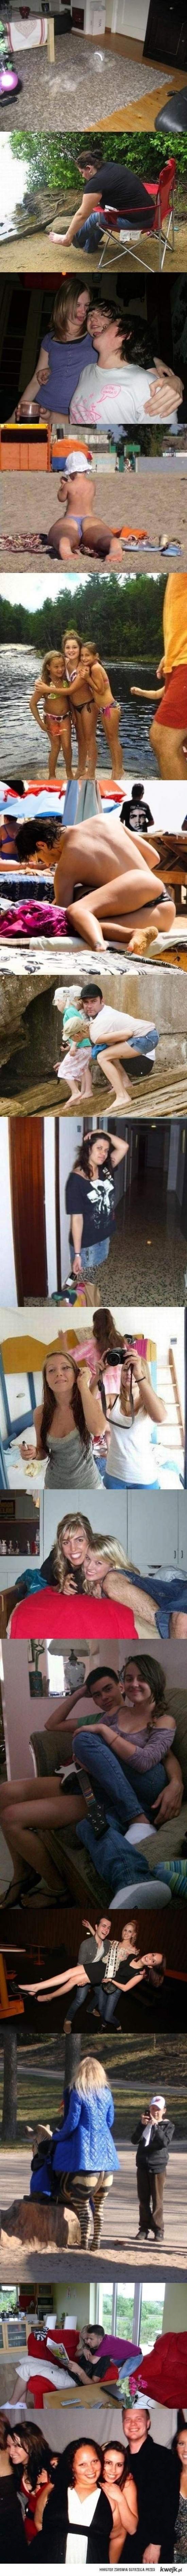 Meme_otros - Fotos que te harán reír dos años seguidos con sus ilusiones ópticas